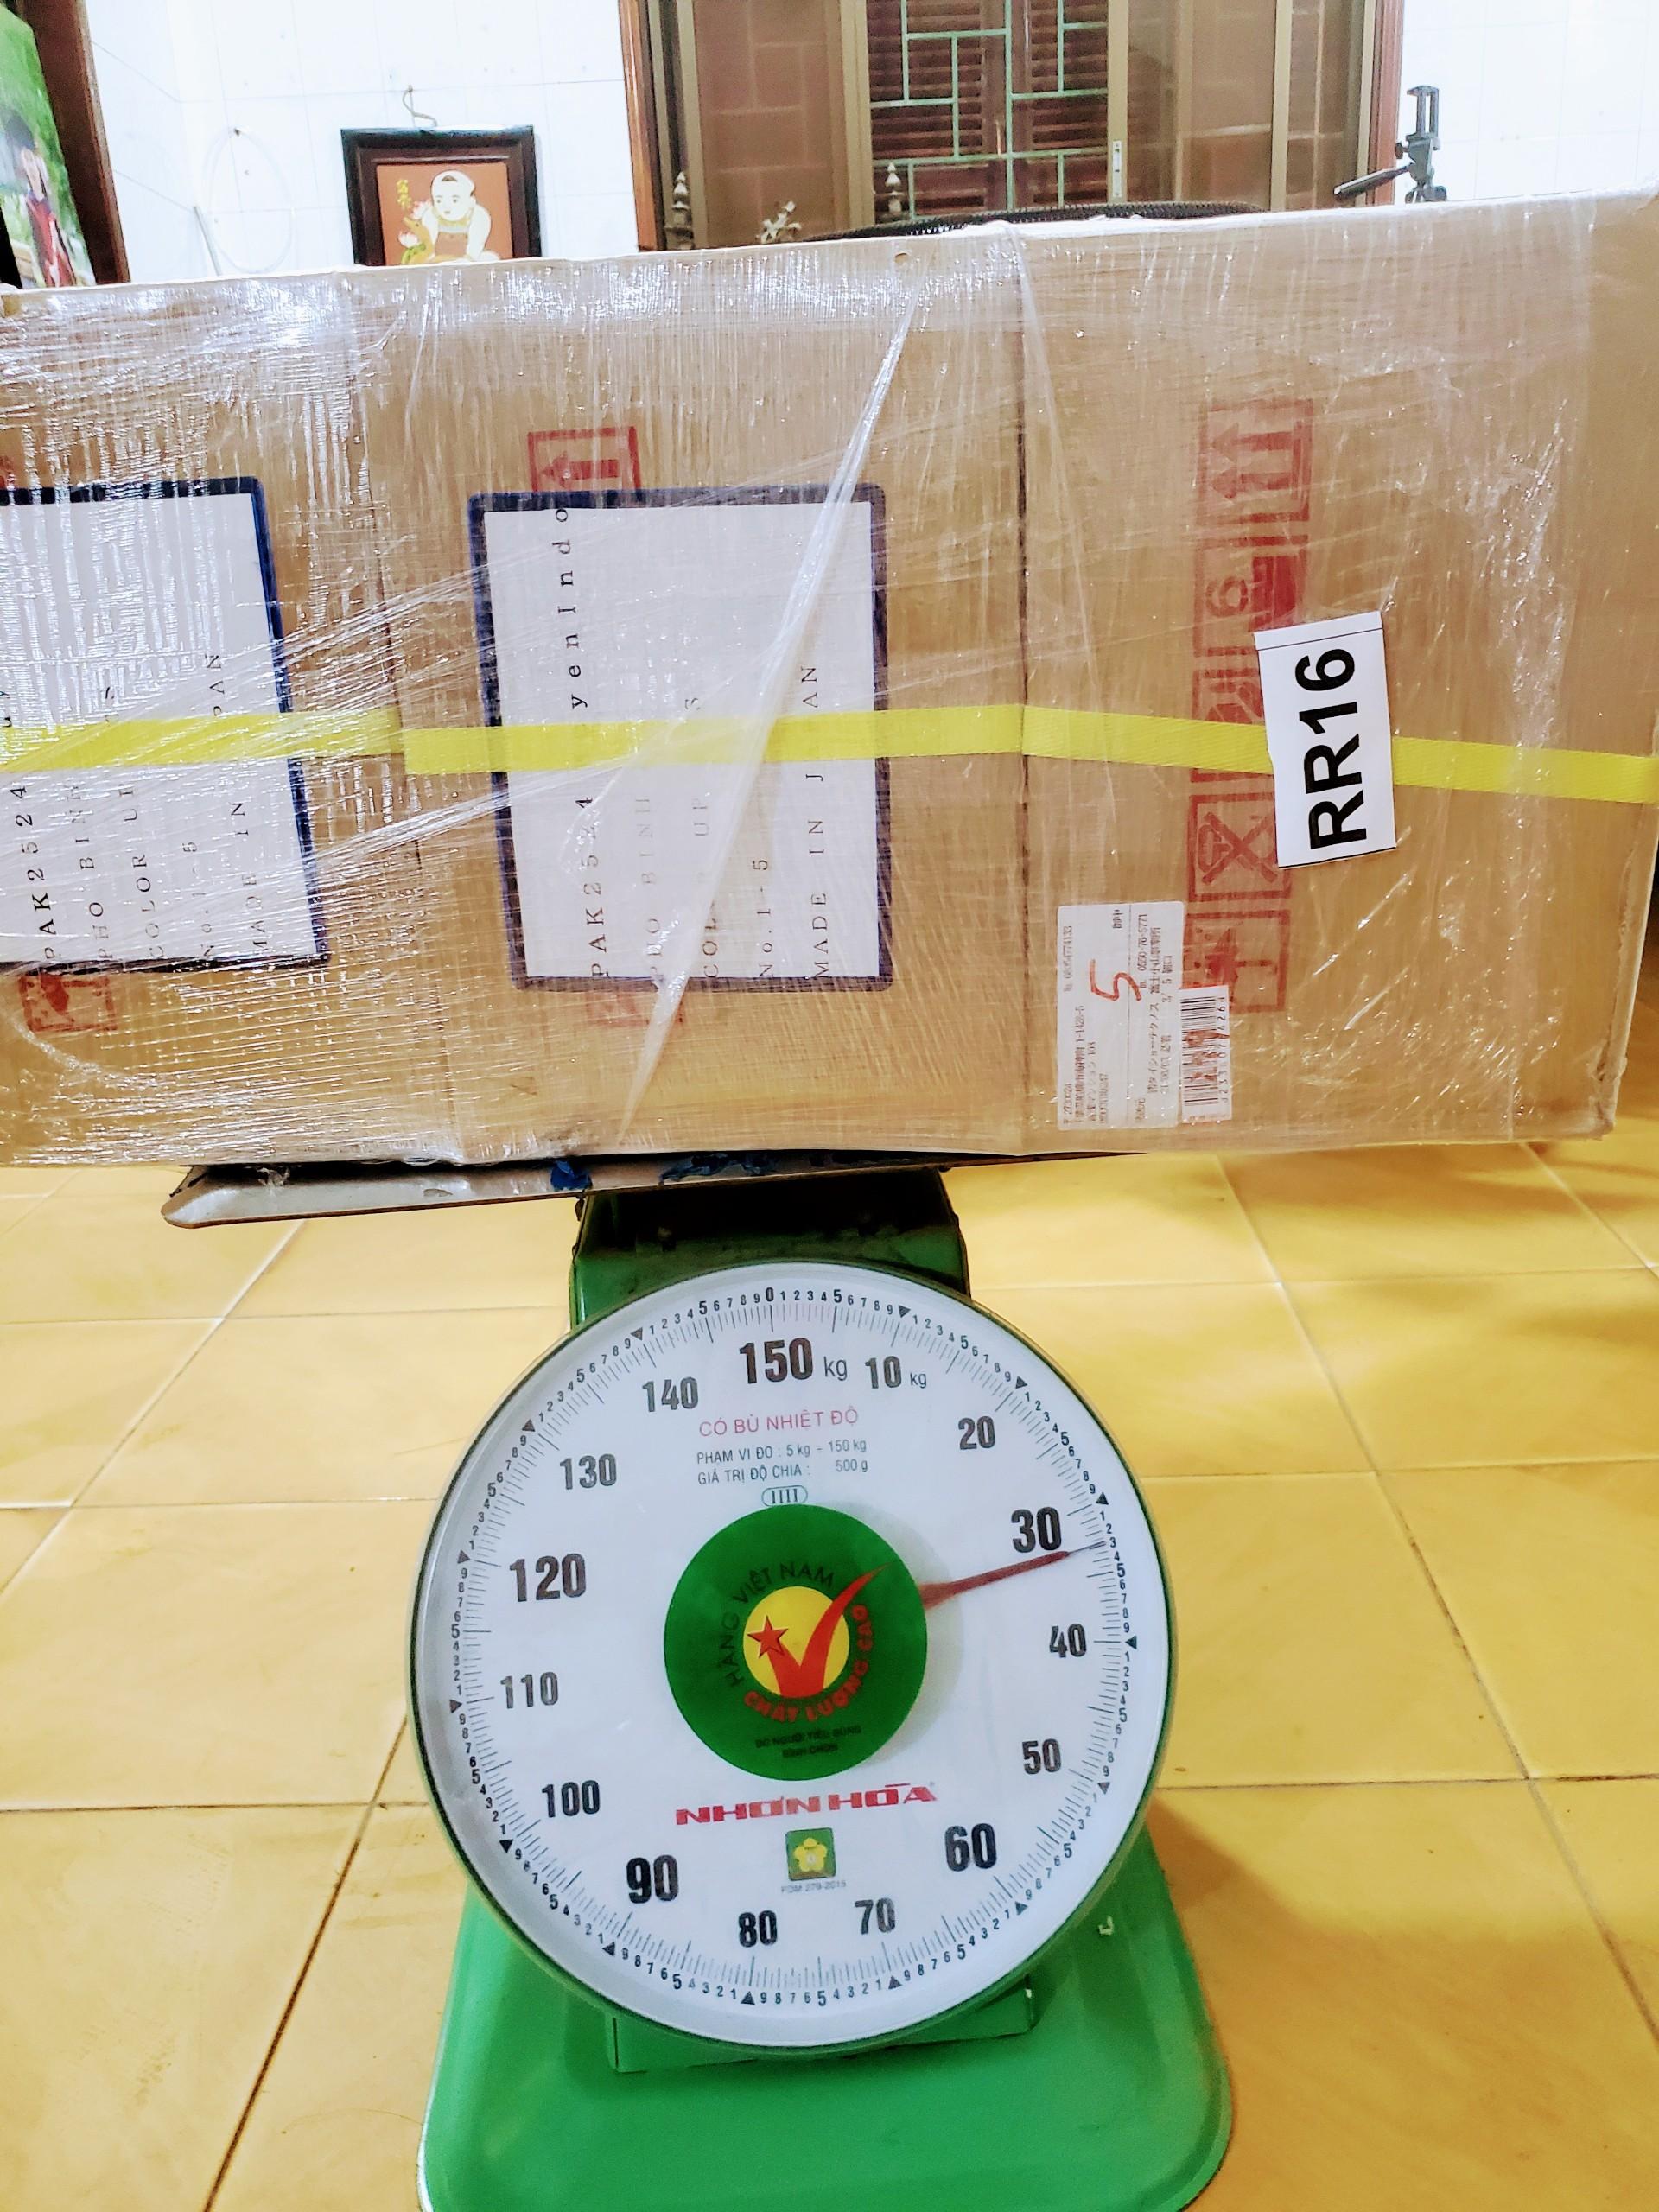 Nhận gửi hàng xách tay thông quan phụ gia thực phẩm từ Nhật và Hàn chuyên nghiệp